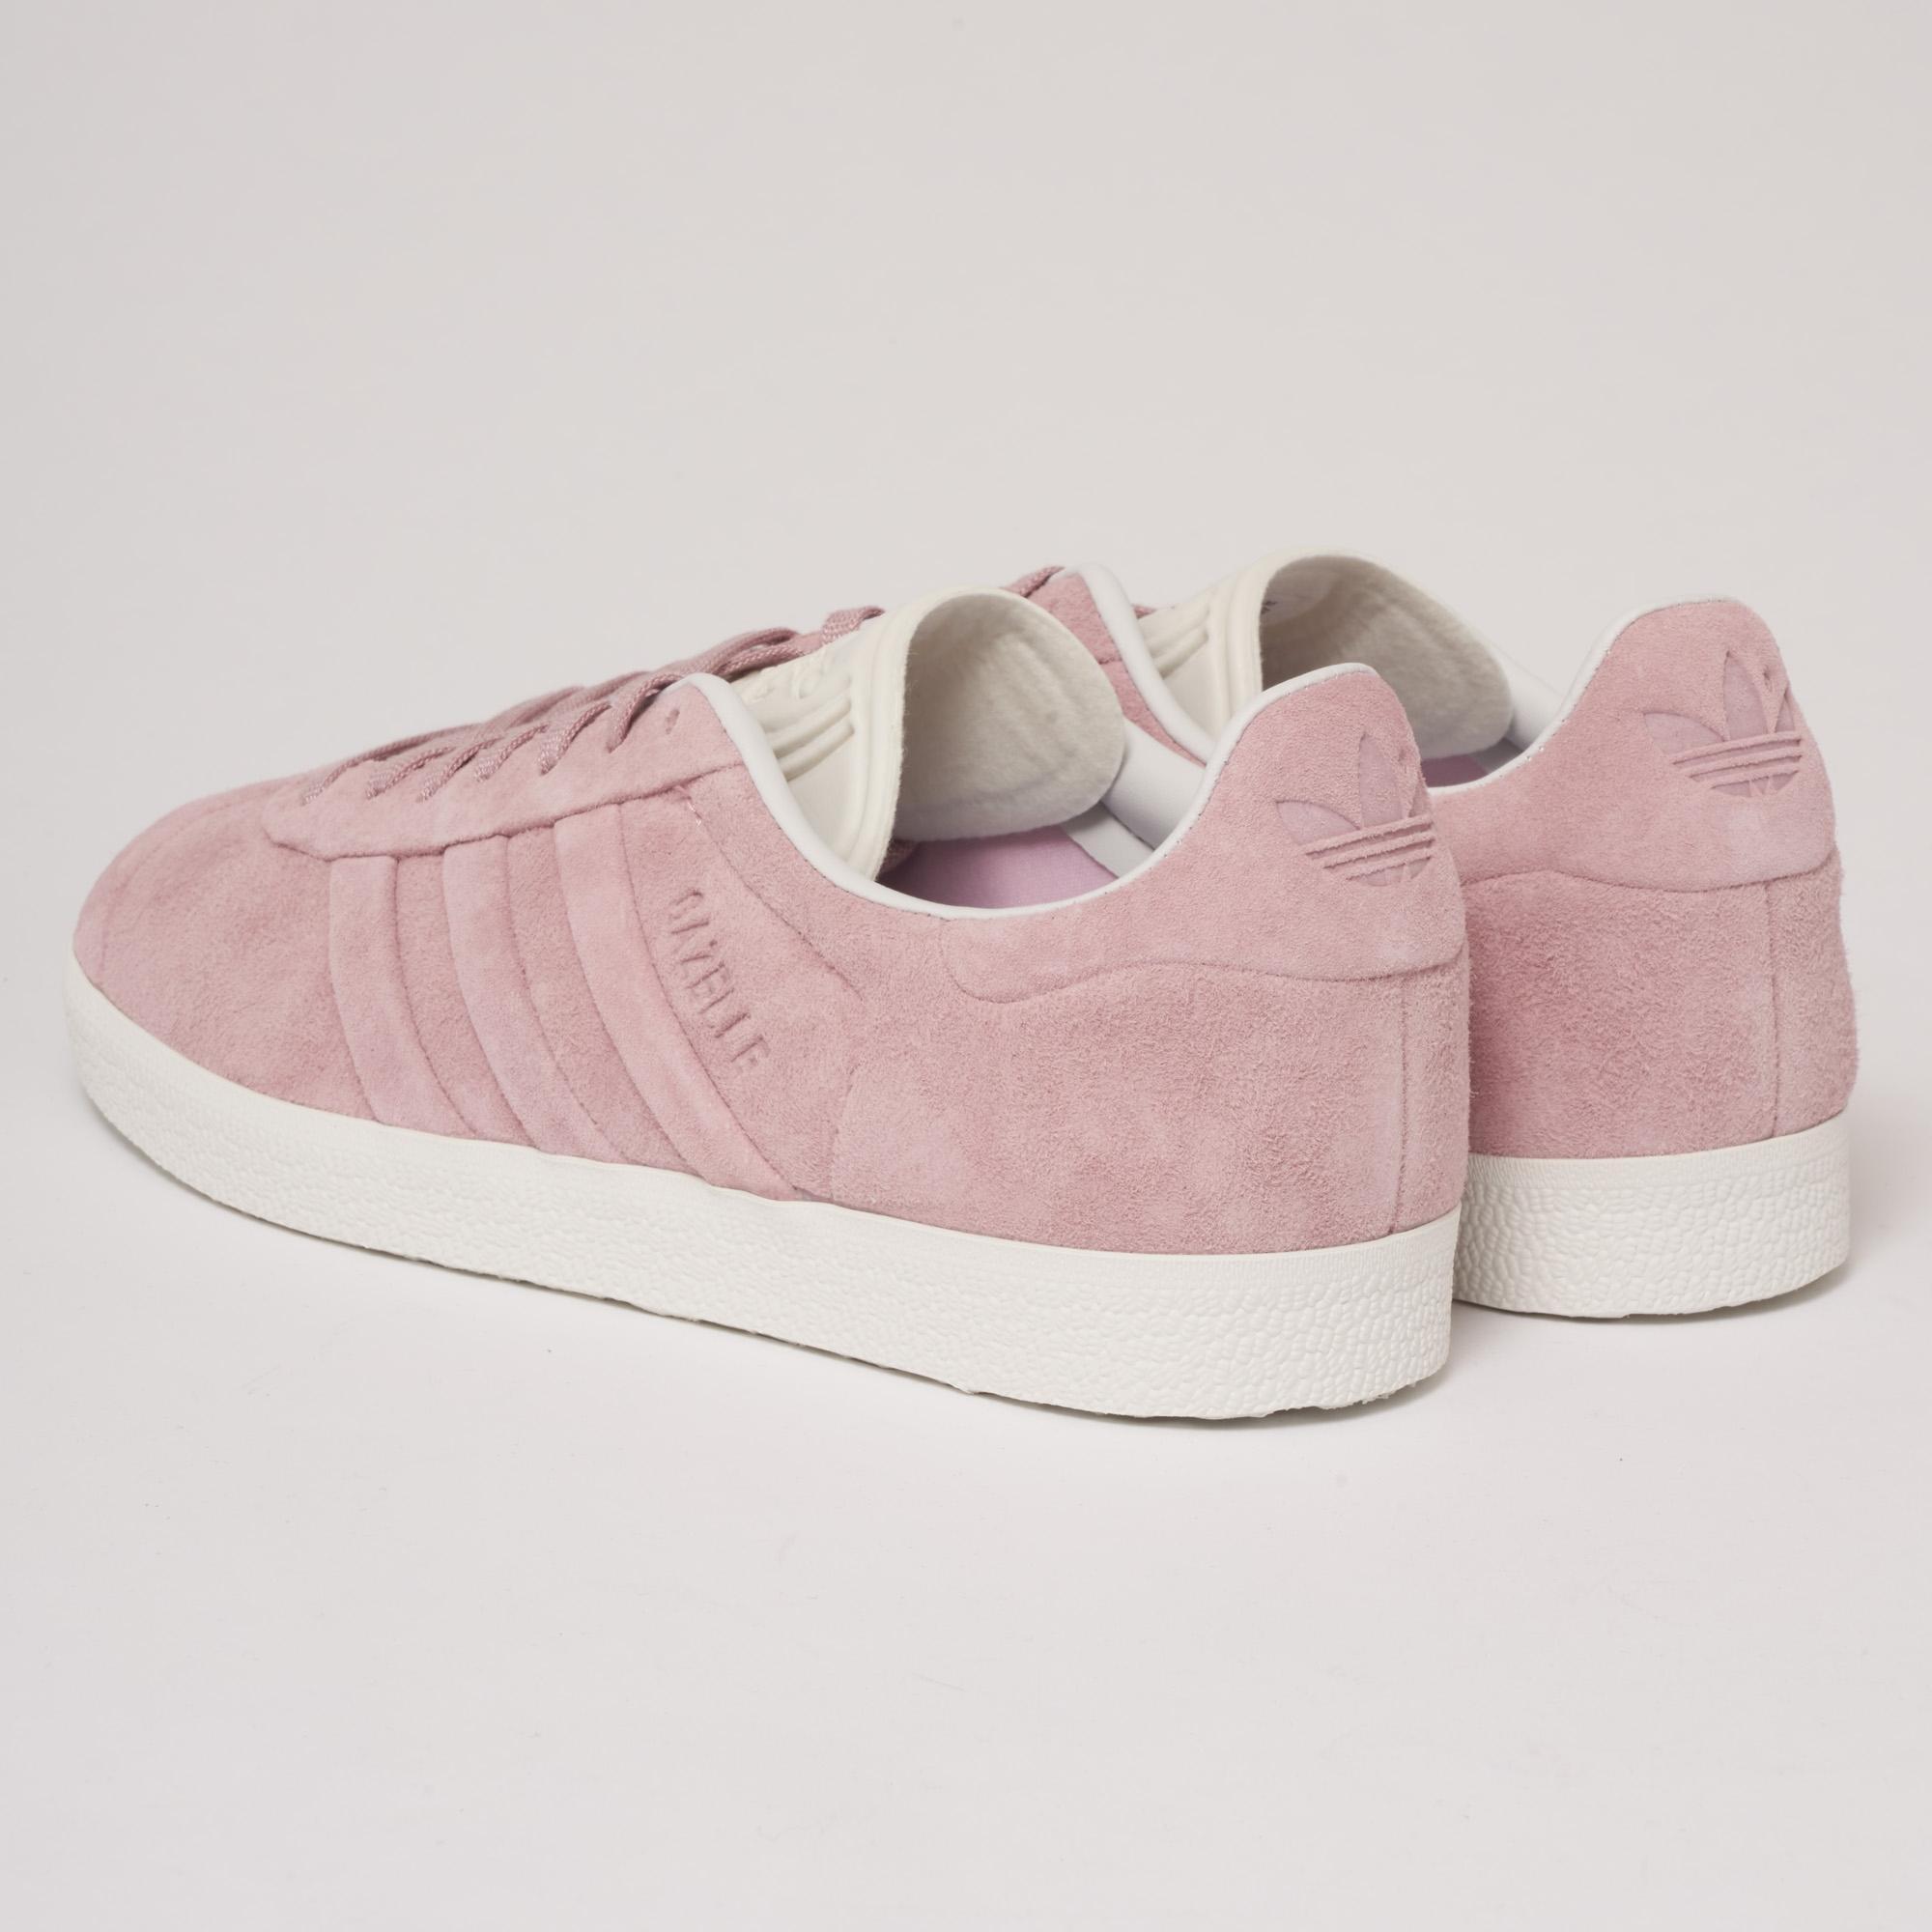 adidas CrazyPower TR Women's Schuh SS18 40: